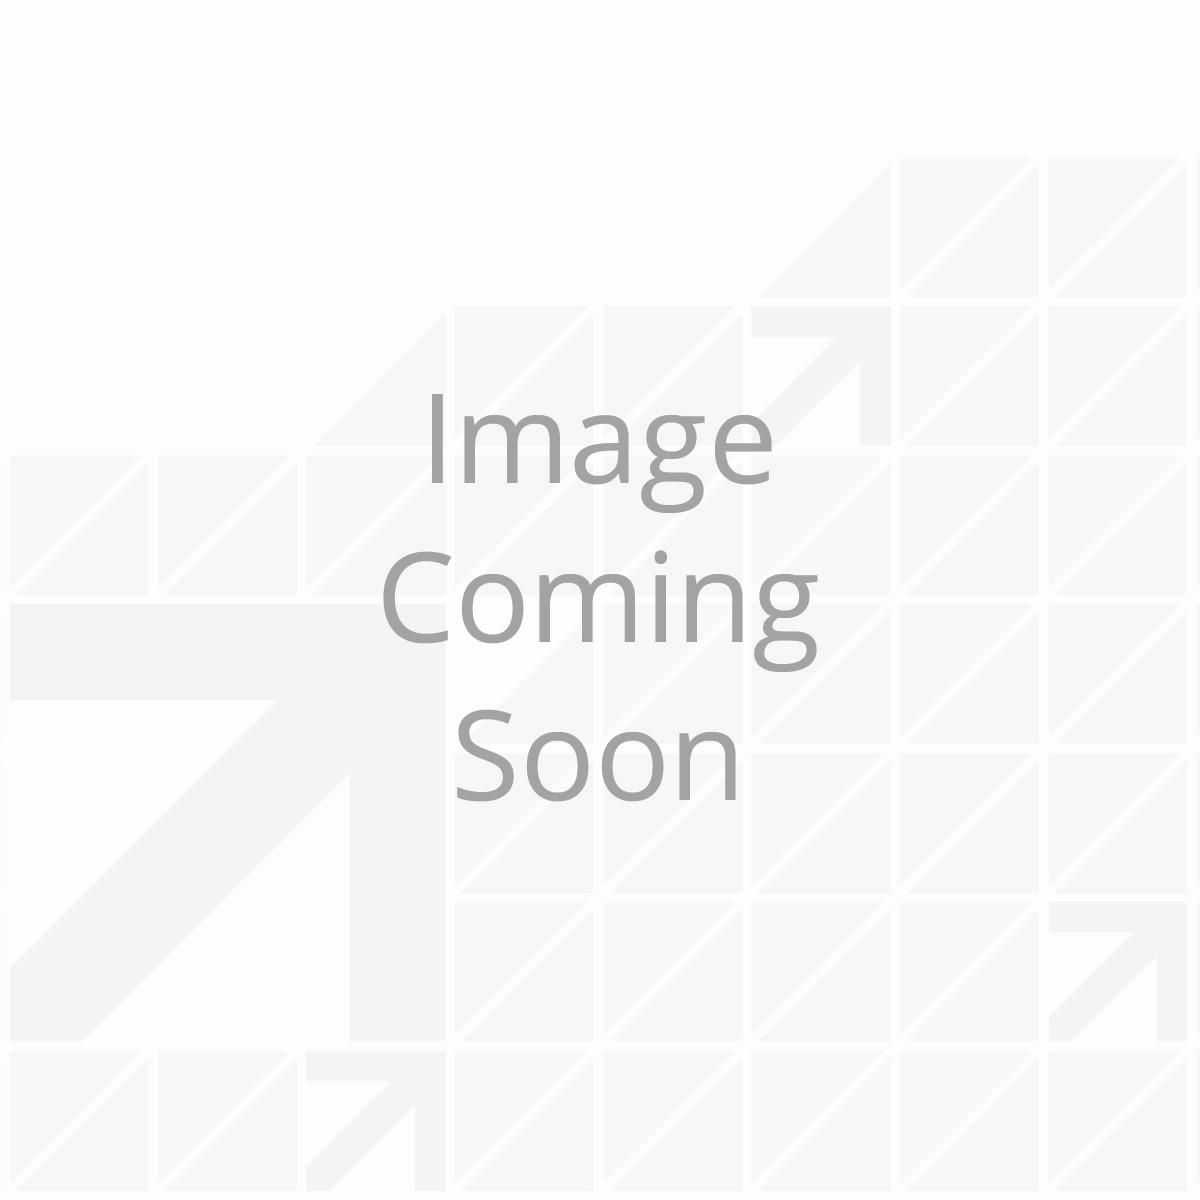 Bearing Replacement Kit - Various Sizes